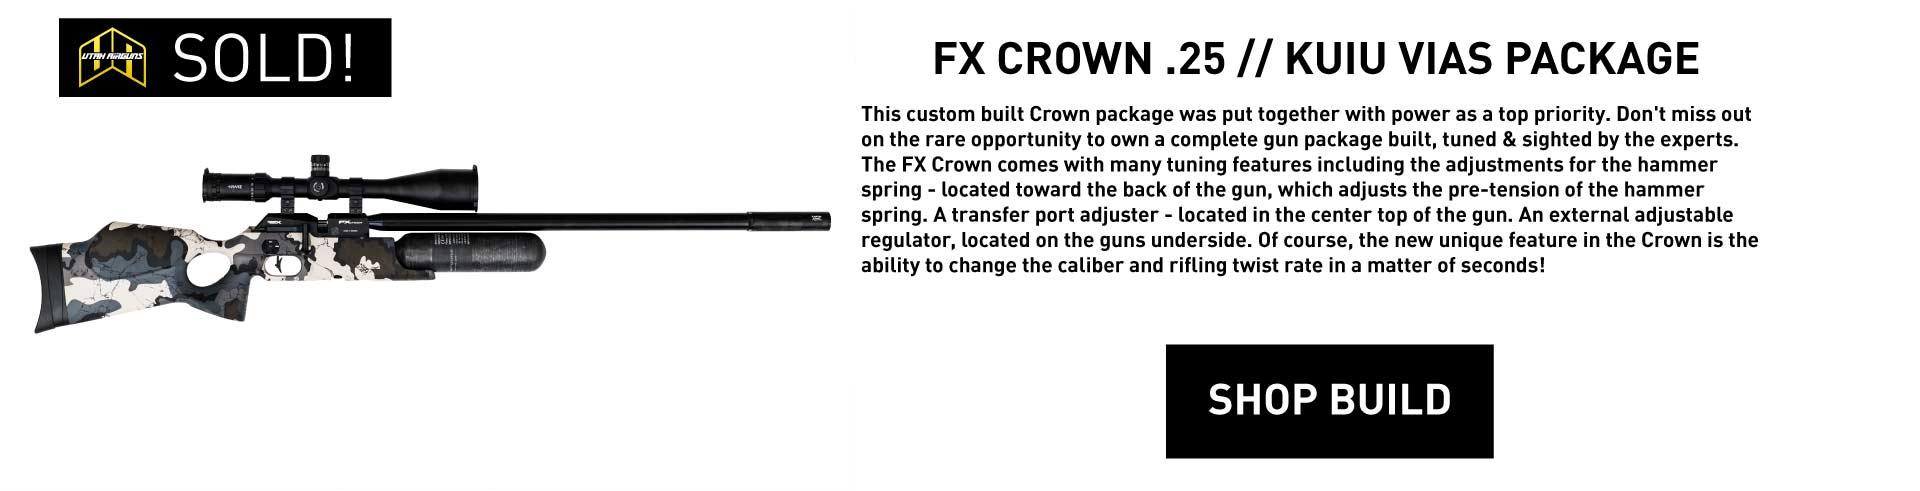 crownupdated.jpg